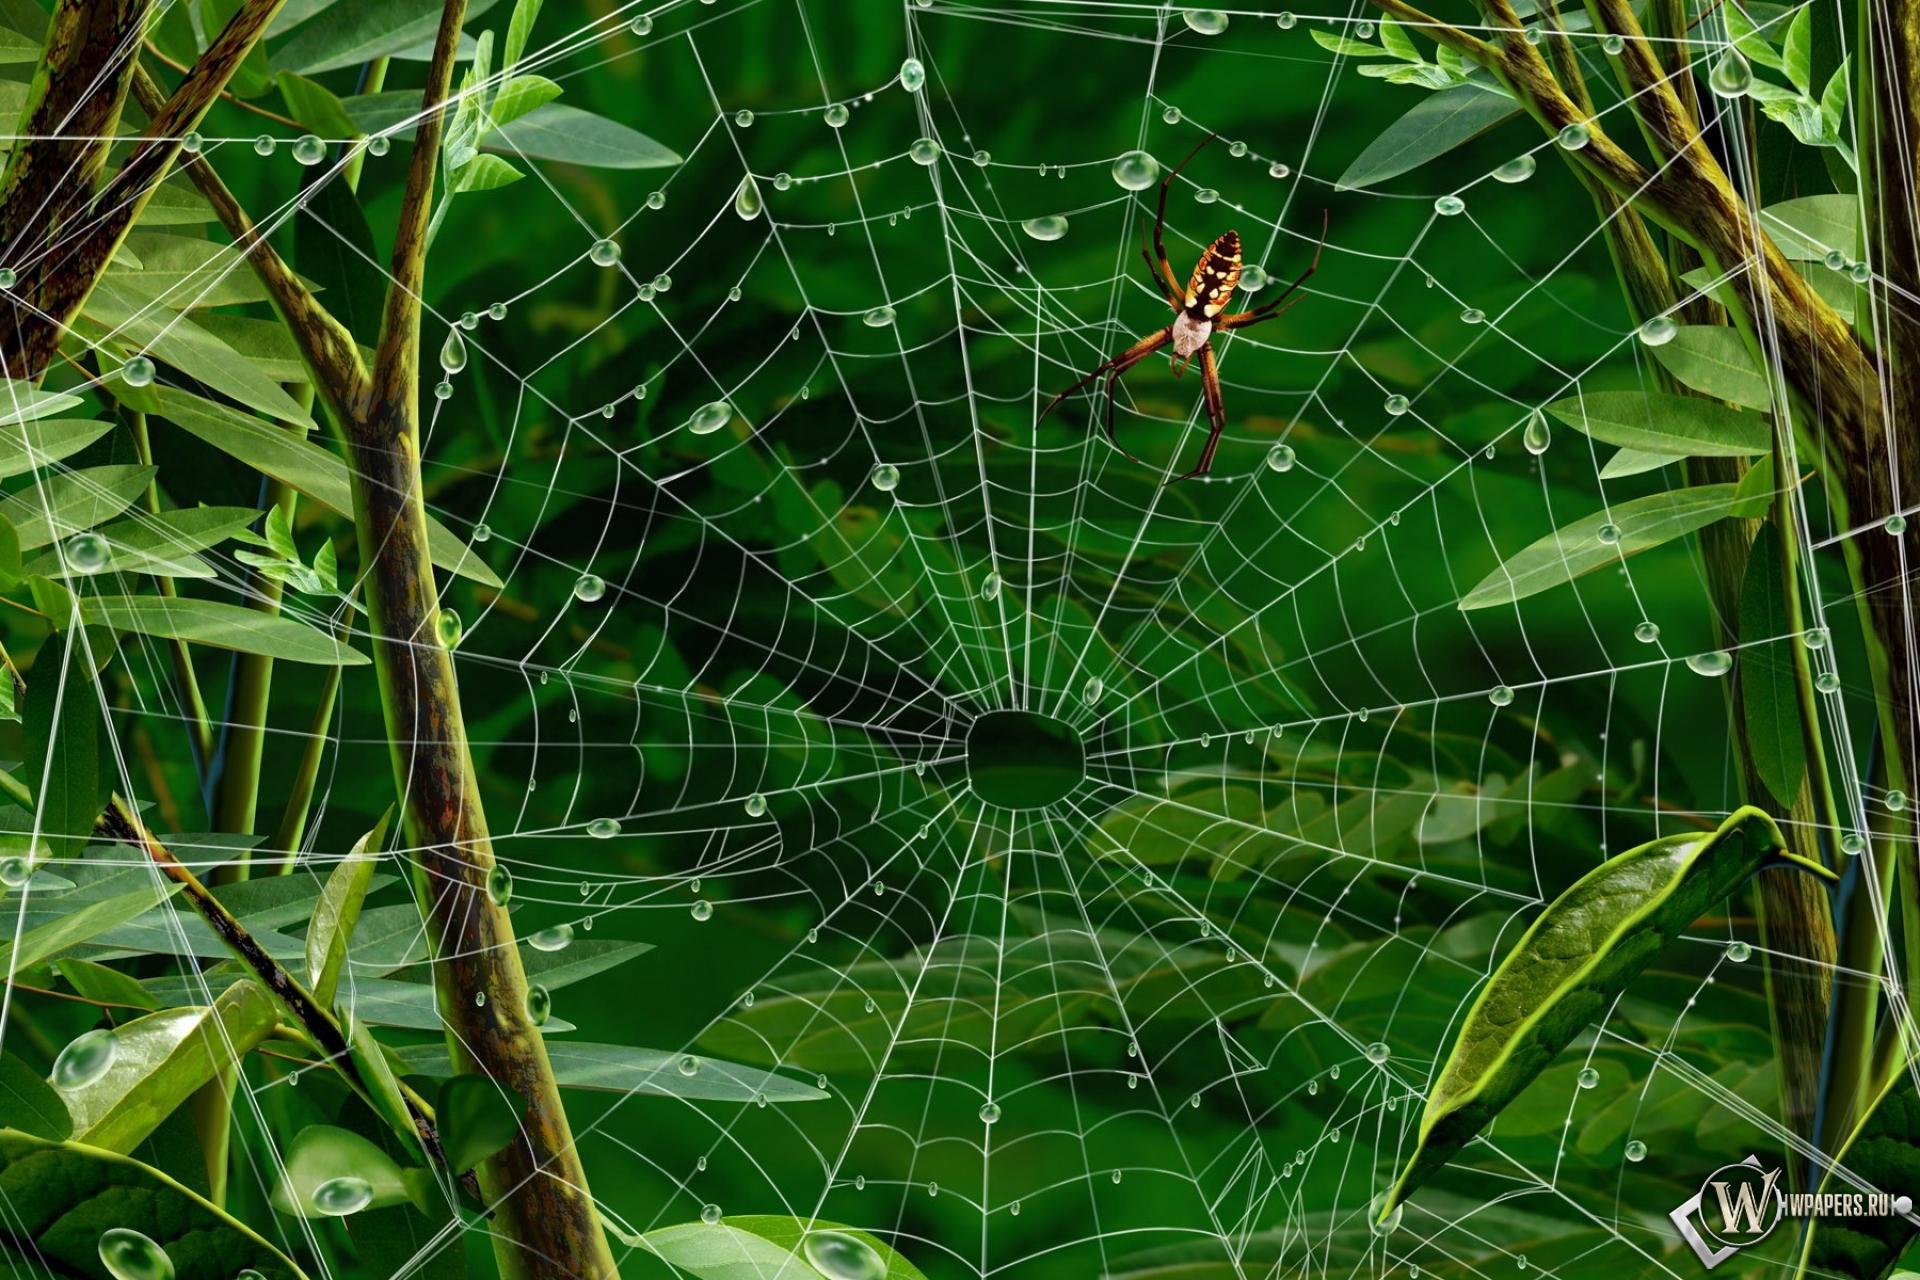 Паук на паутине 1920x1280